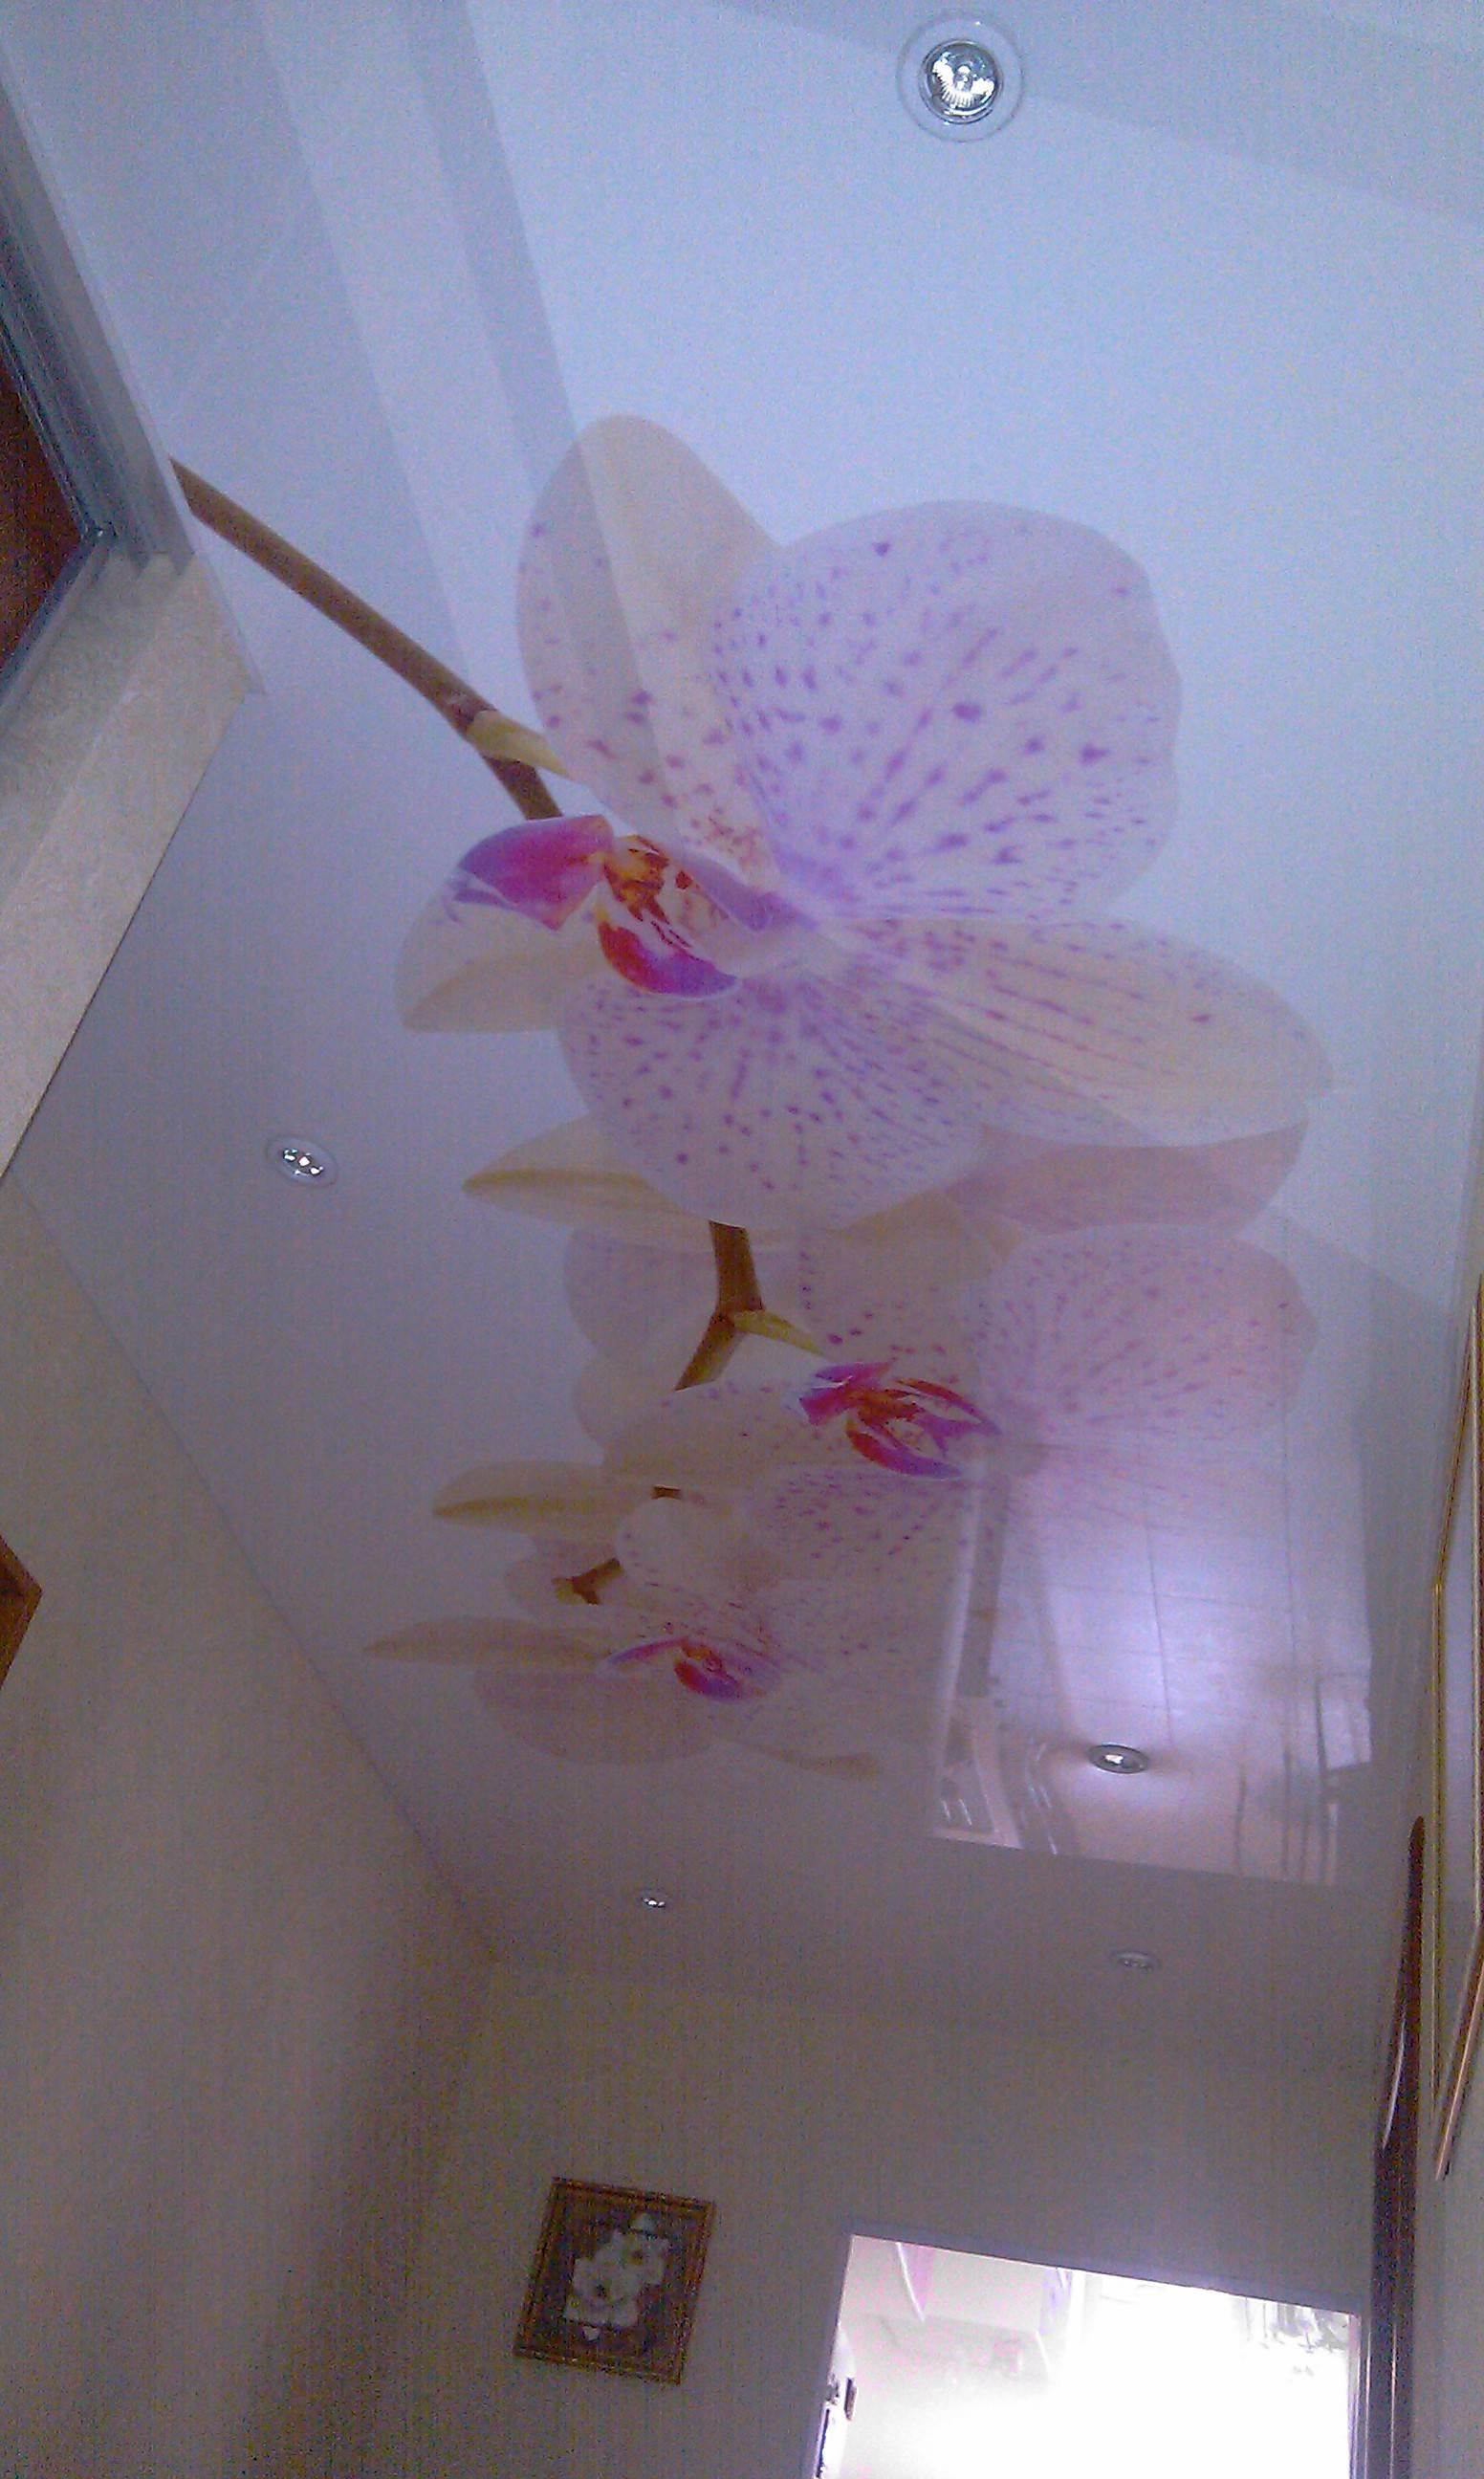 Натяжной потолок с орхидеей (20 фото): варианты дизайна